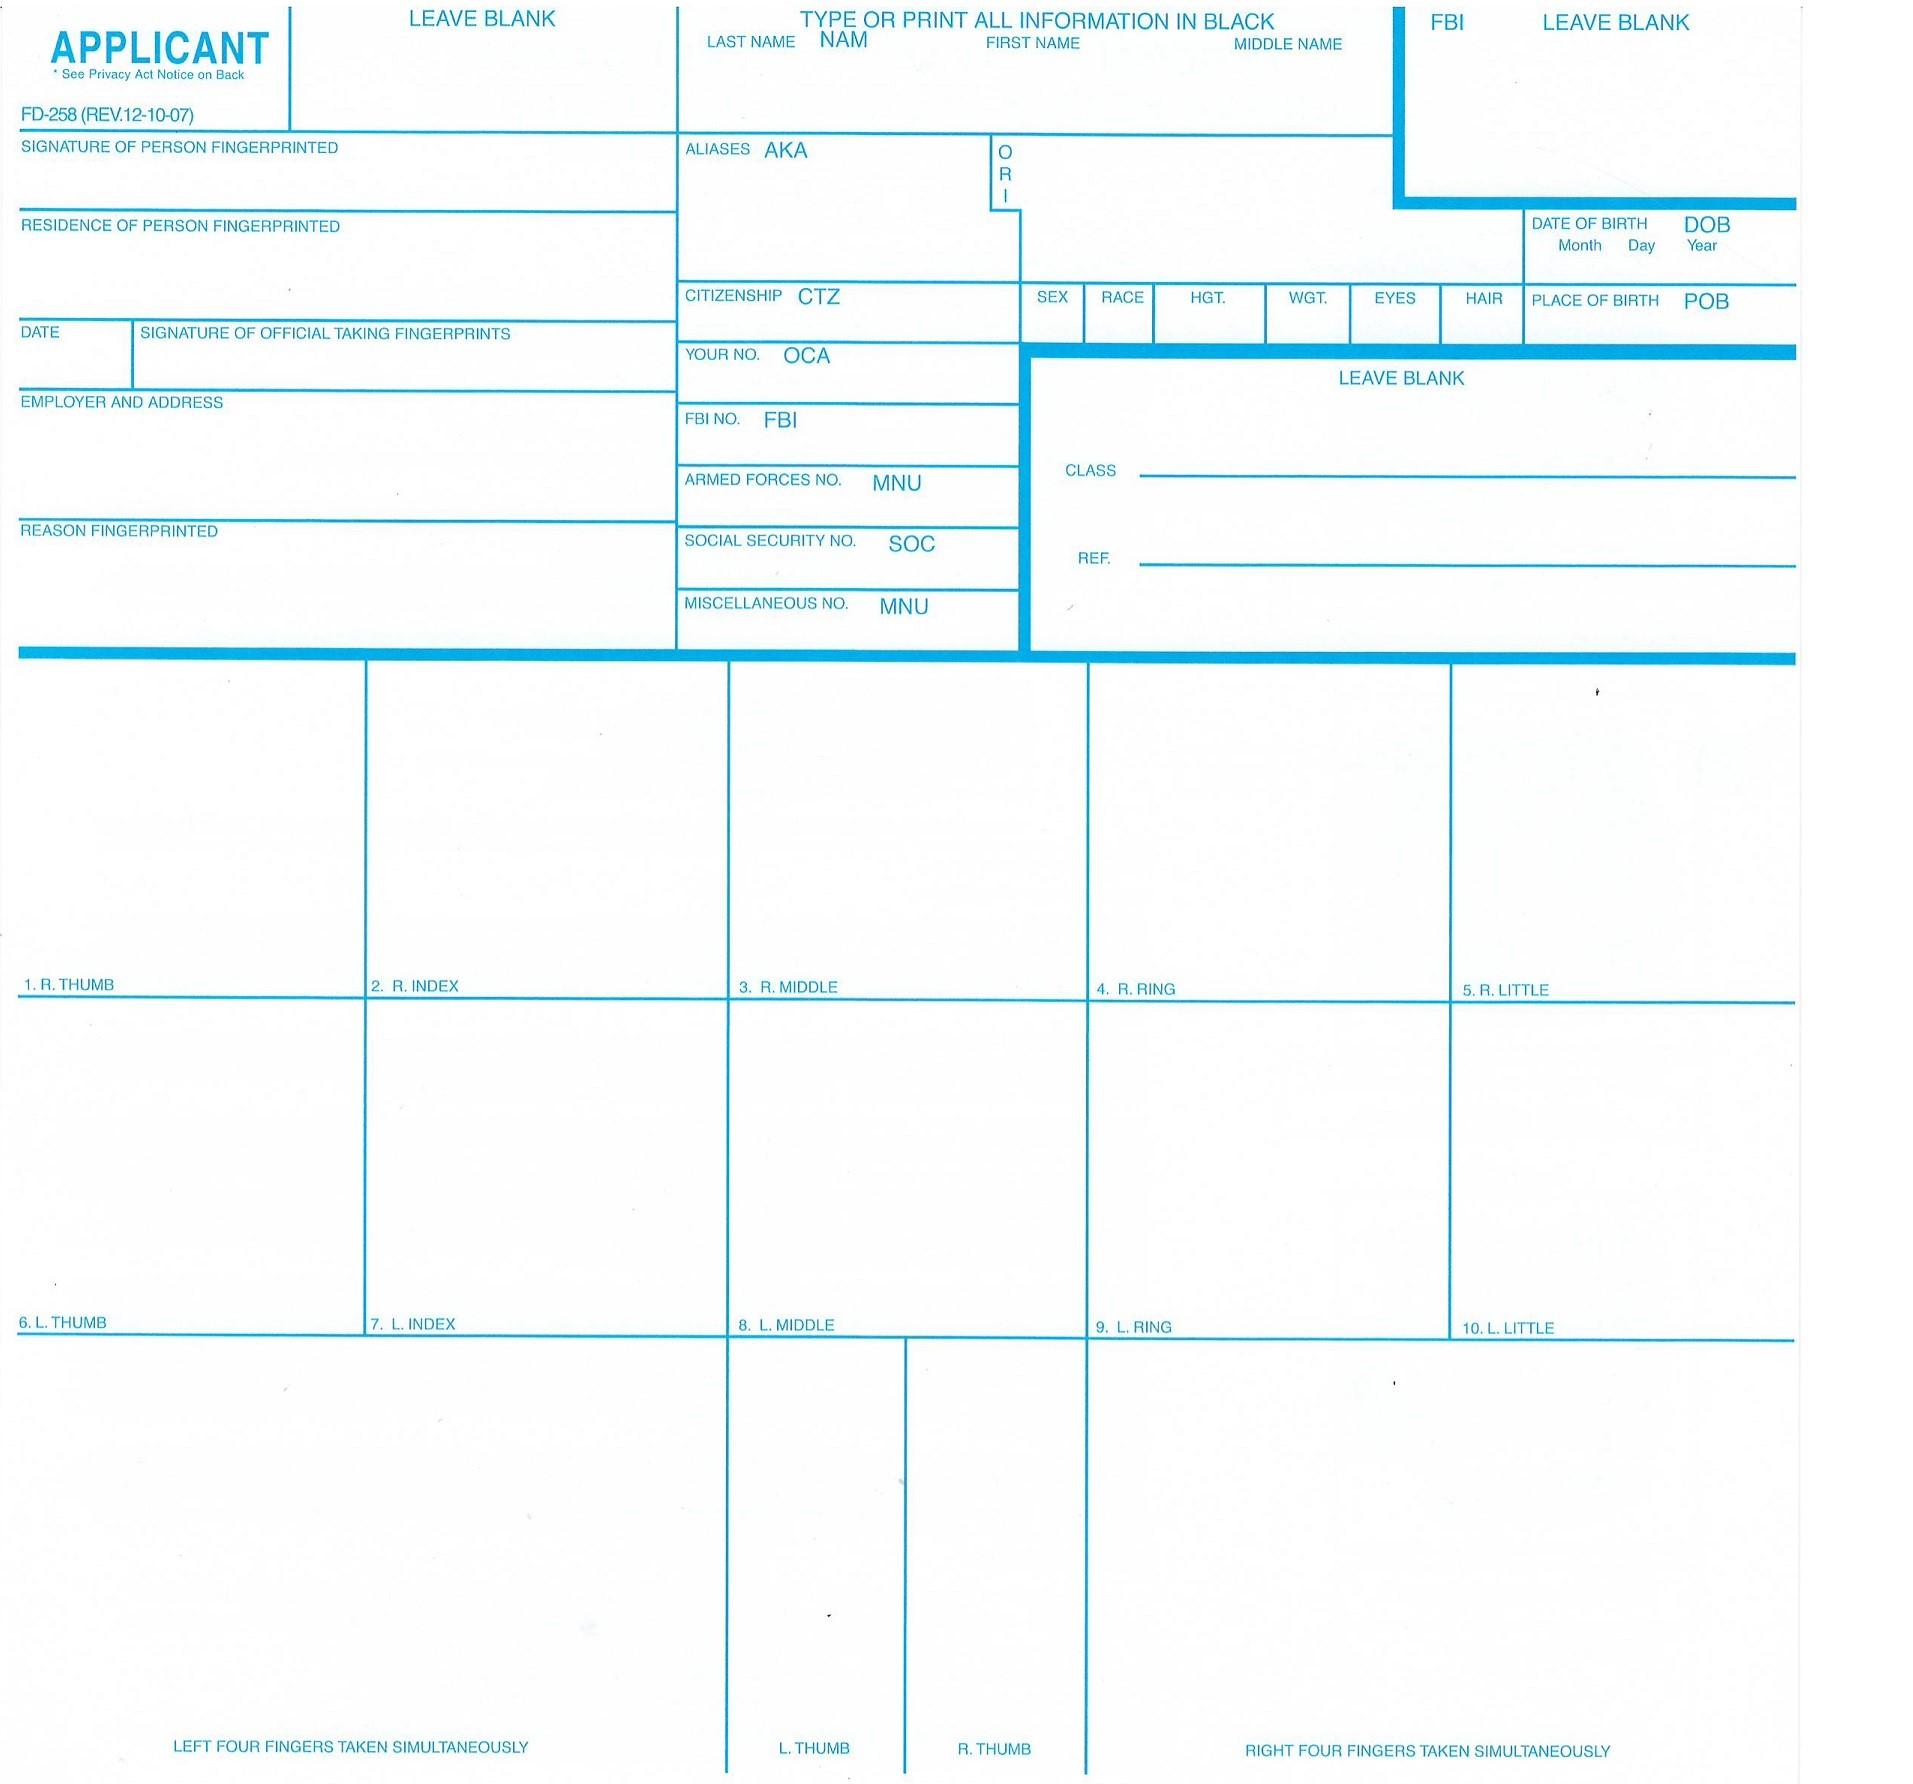 FD 258 FINGERPRINT CARDS PDF DOWNLOAD